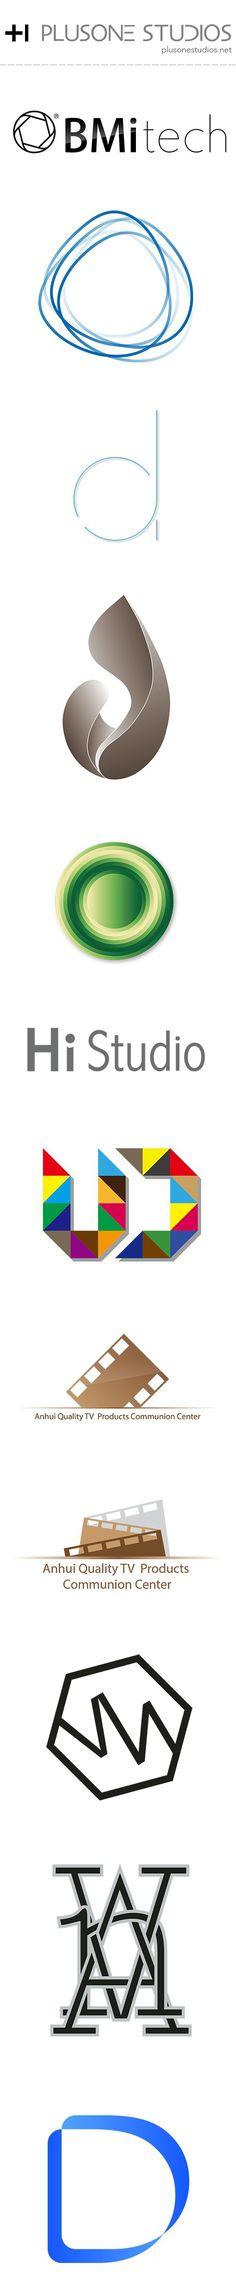 logo design of plusone studios